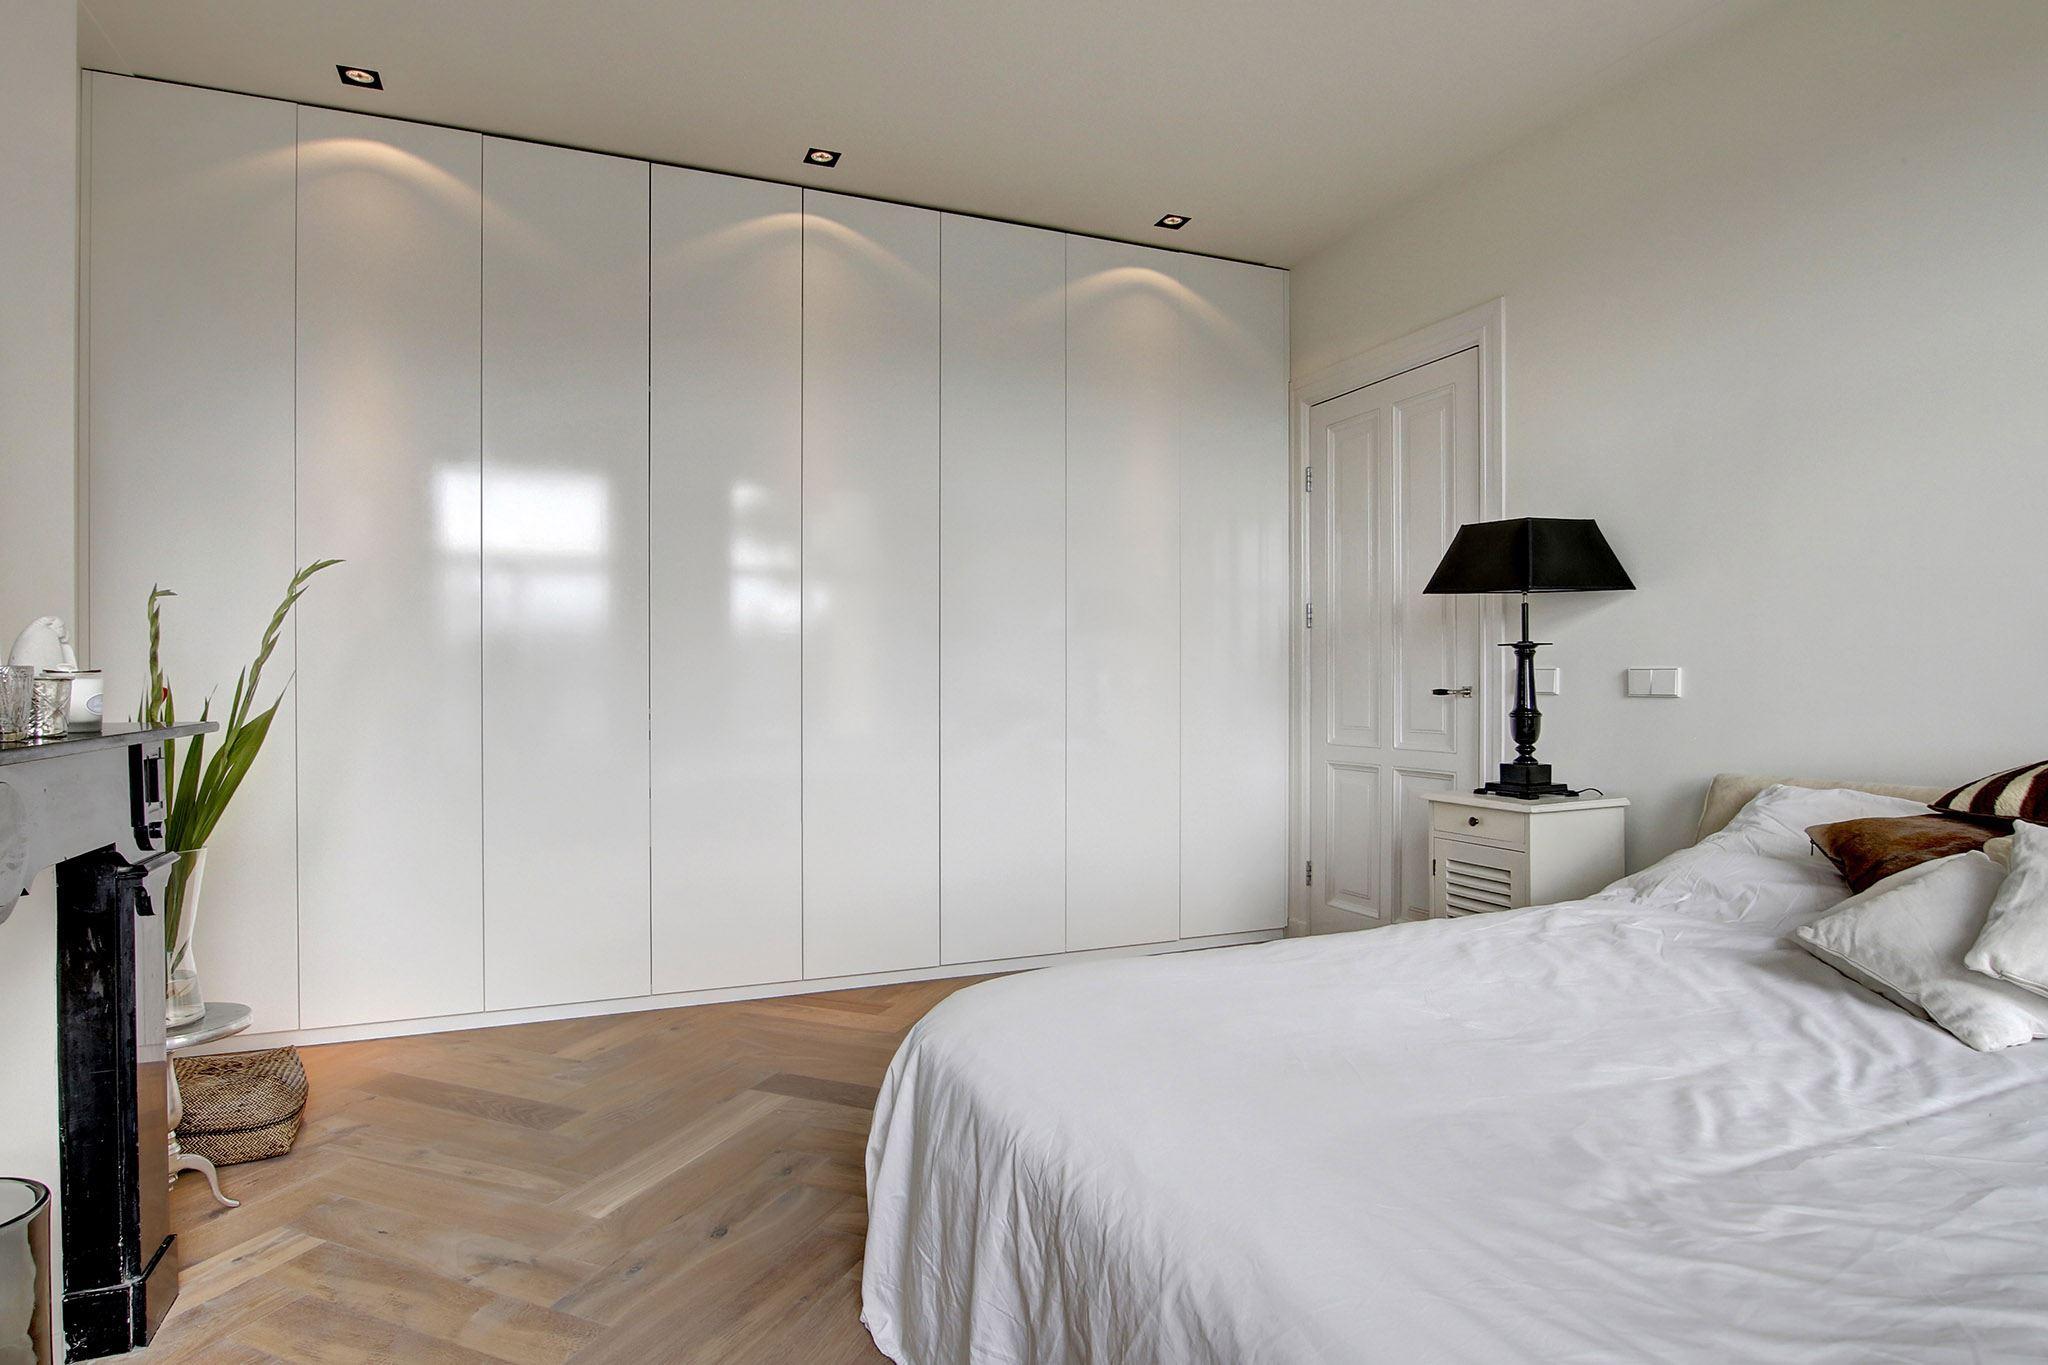 спальня кровать паркет елочка встроенный шкаф белые гладкие фасады